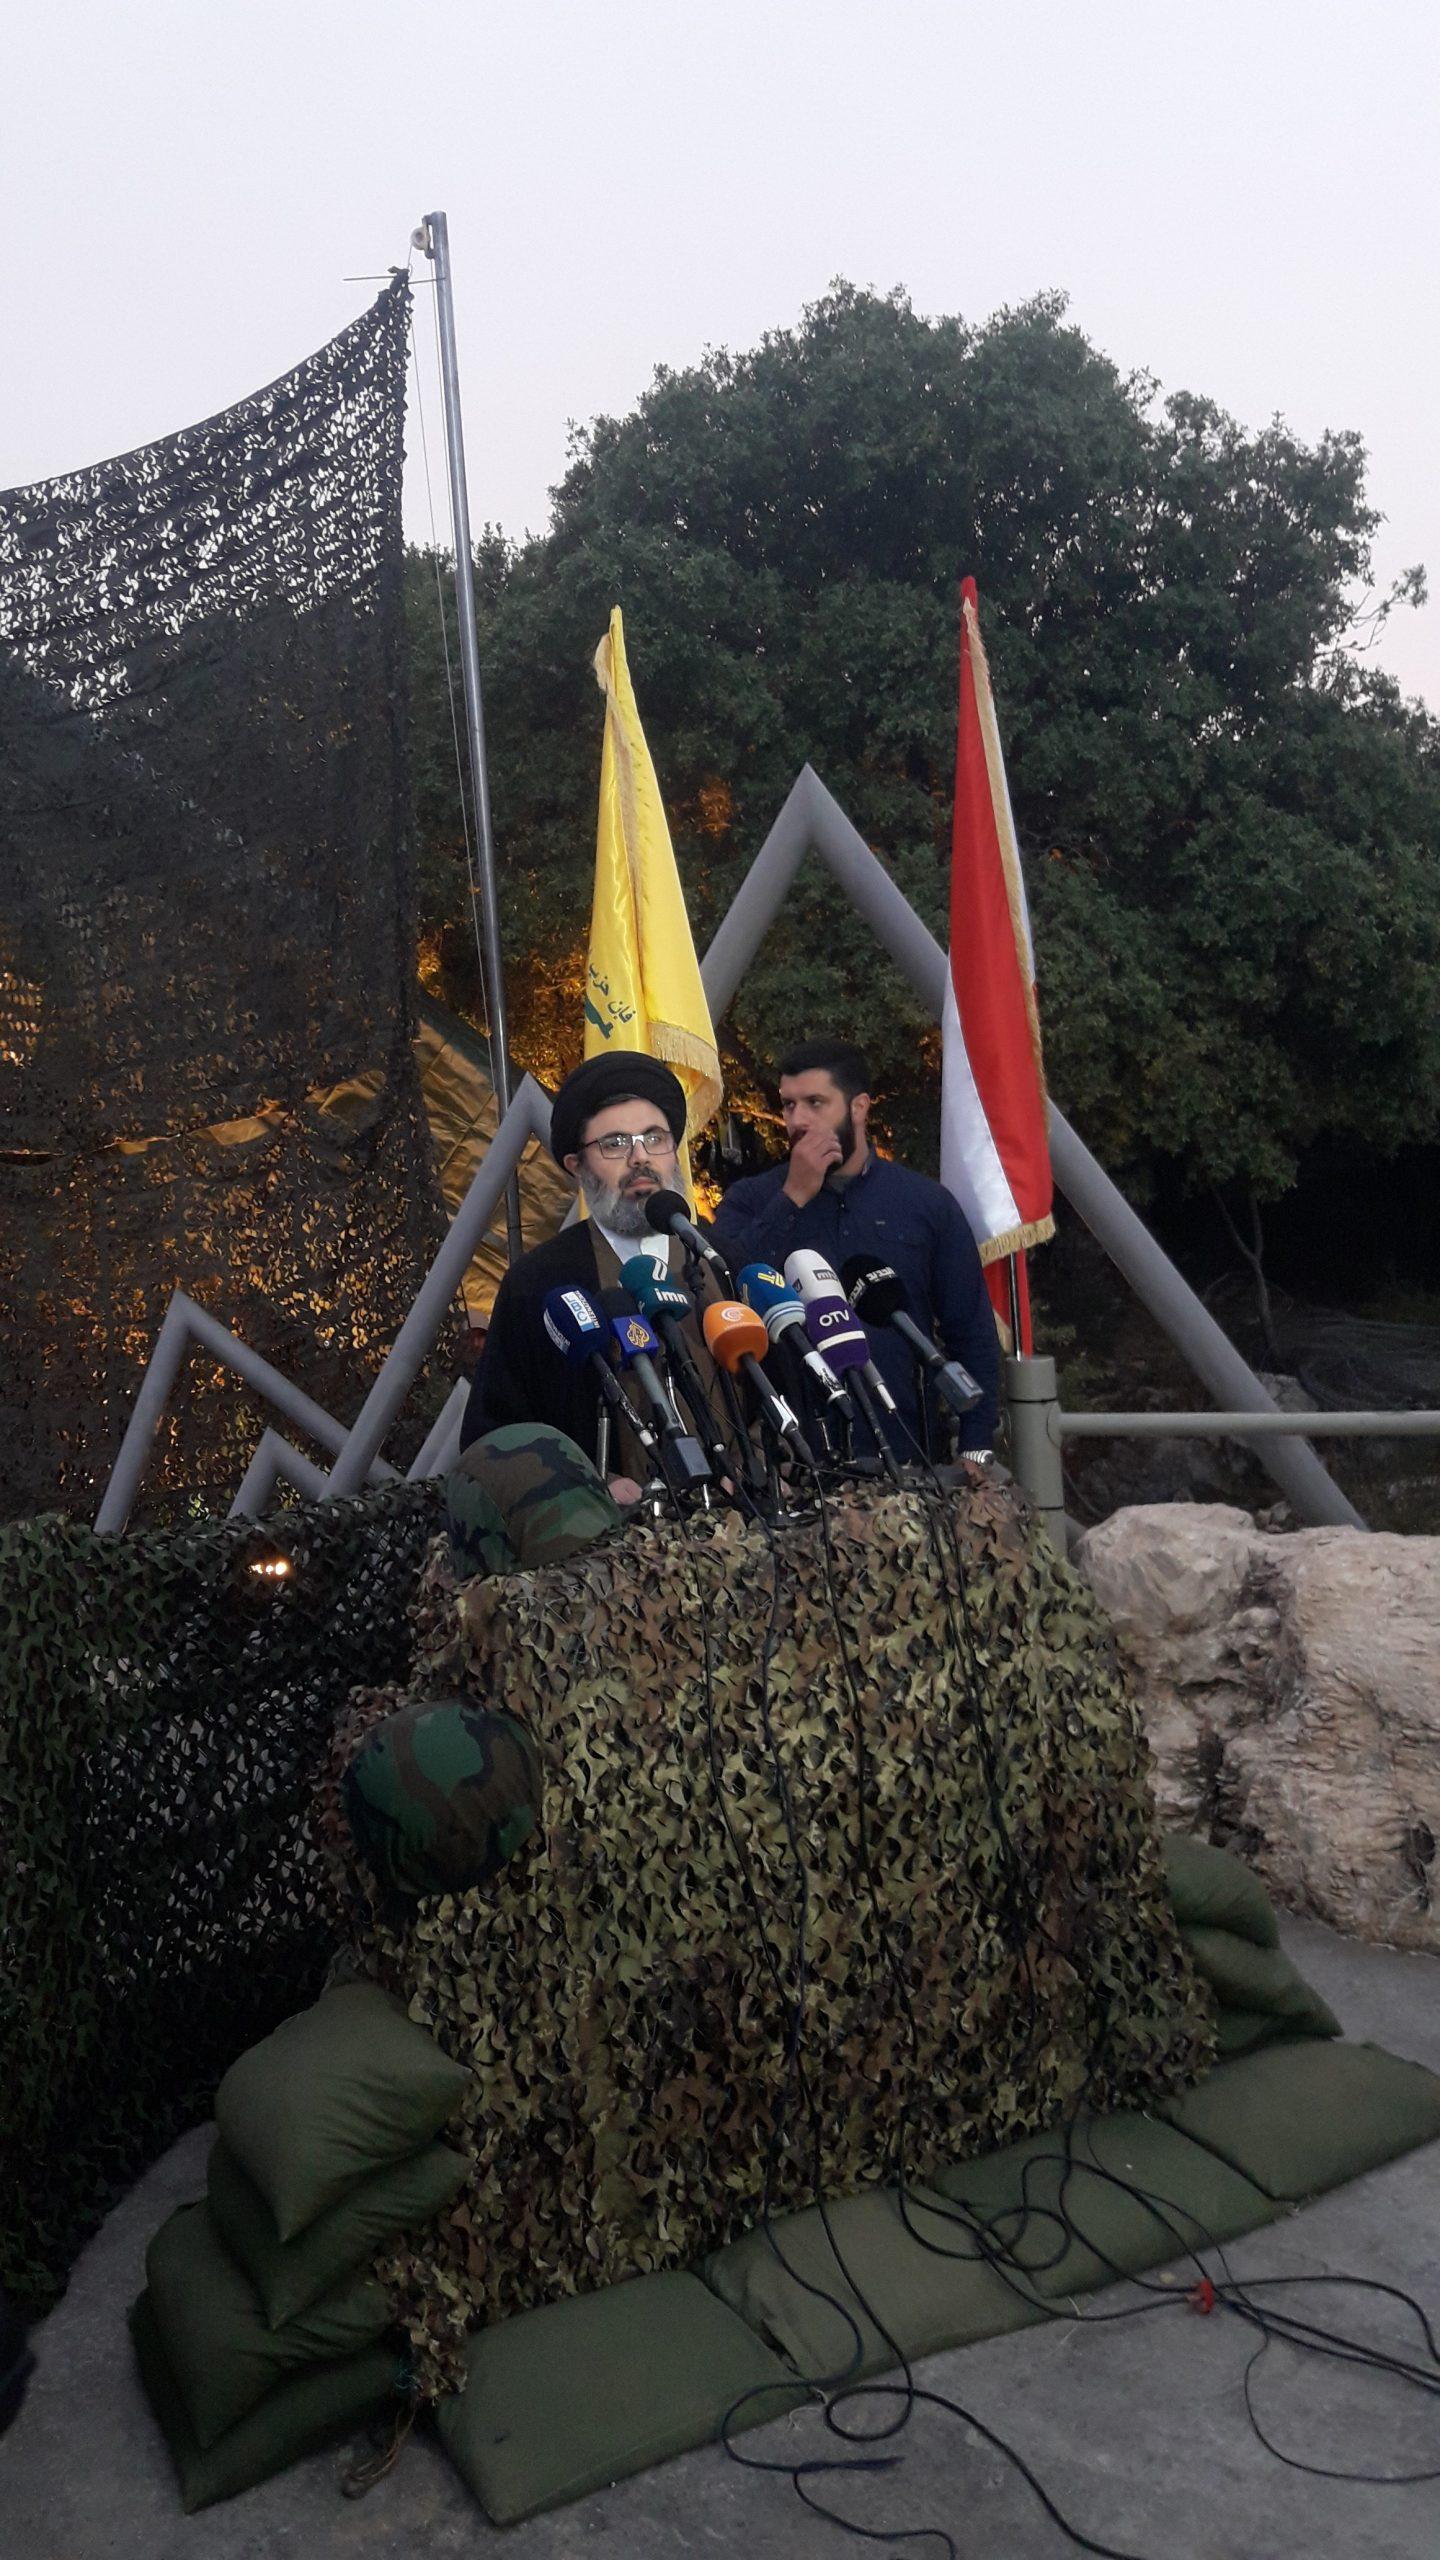 لماذا كشف حزب الله عن صاروخ خيبر 1؟